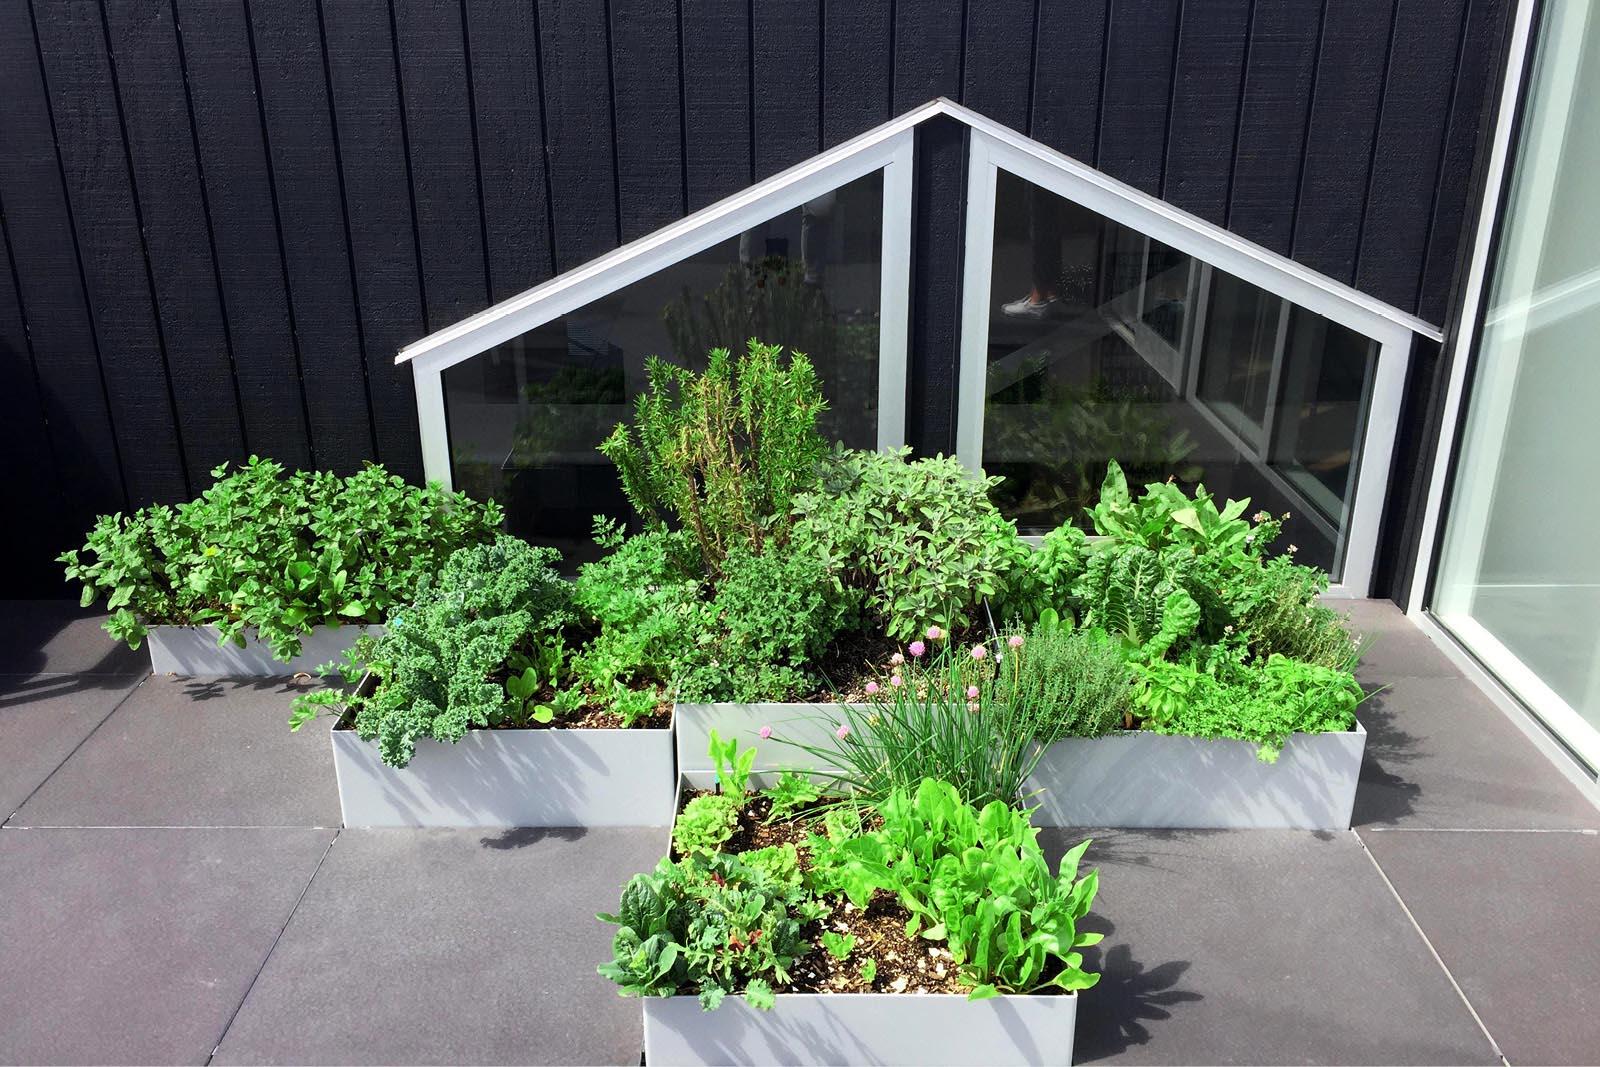 Rooftop_garden_City_custom.jpg